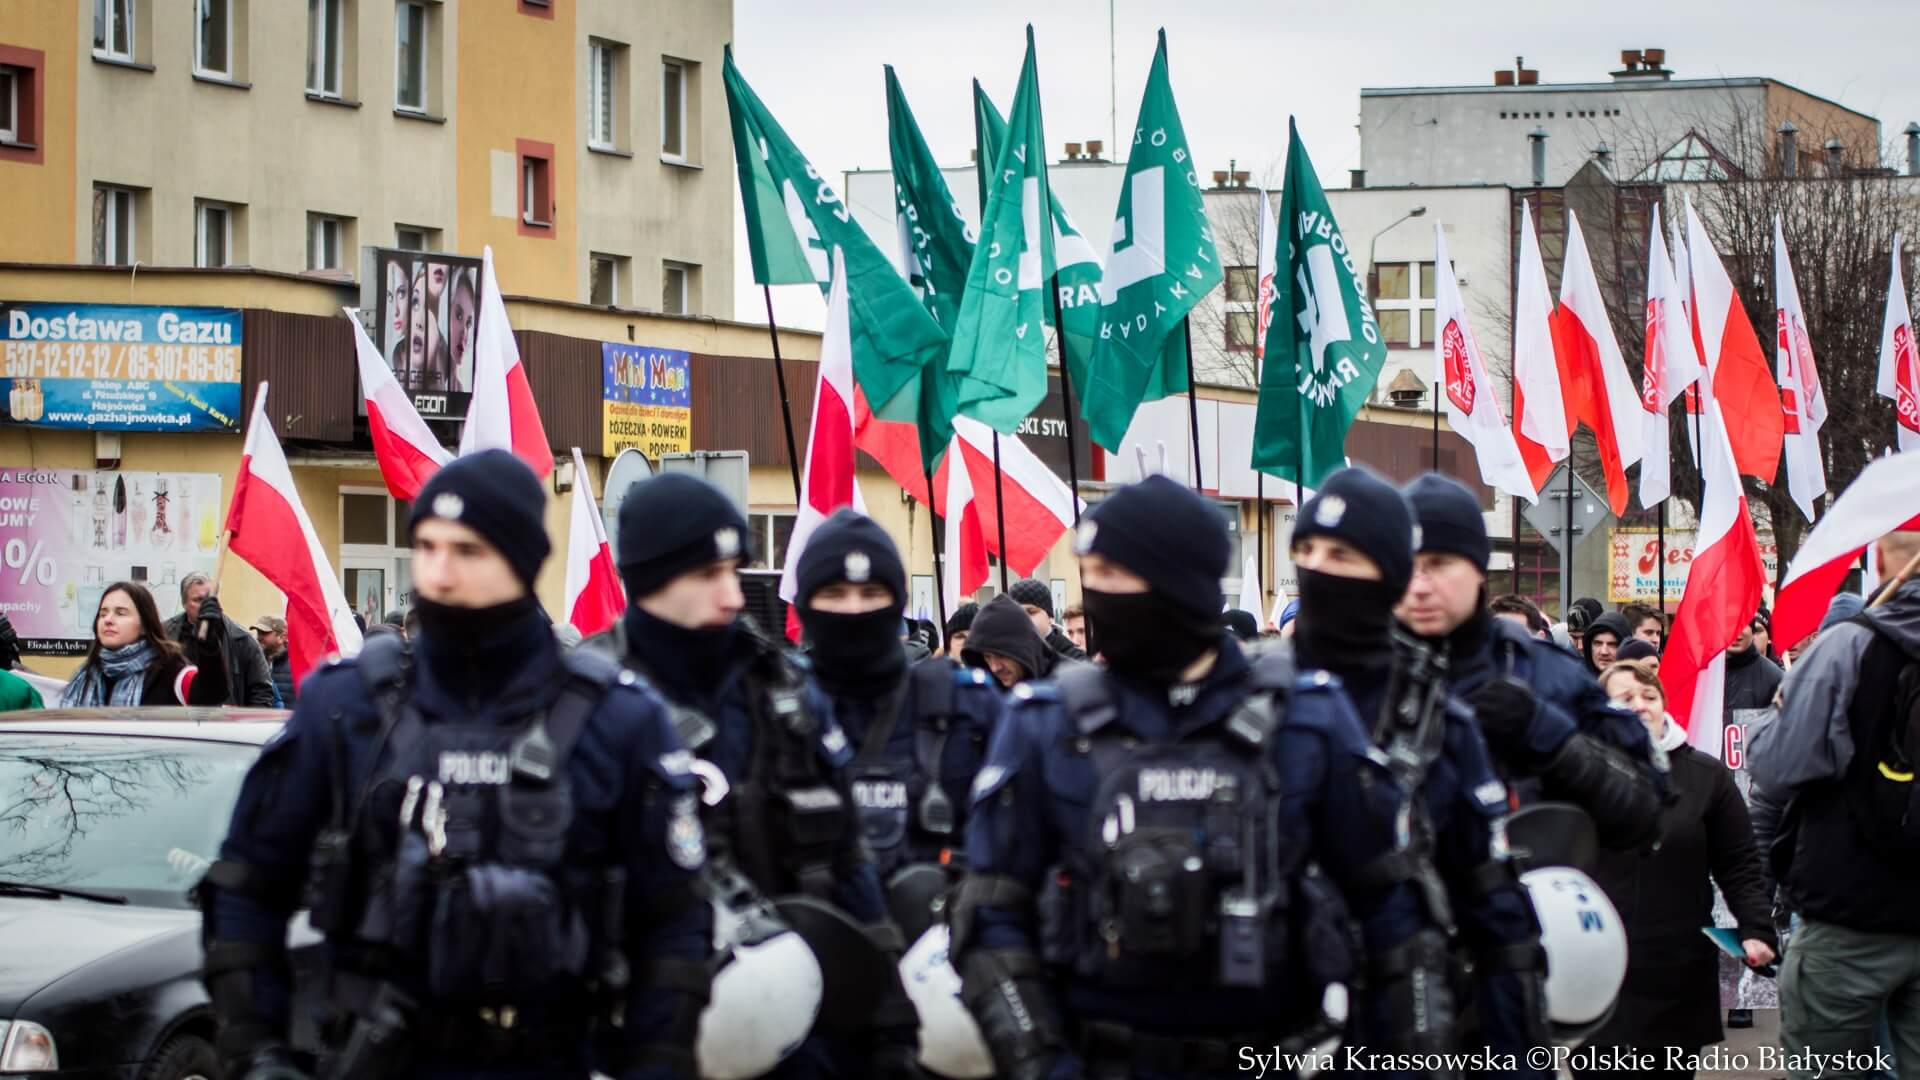 IV Marsz Pamięci Żołnierzy Wyklętych w Hajnówce, fot. Sylwia Krassowska